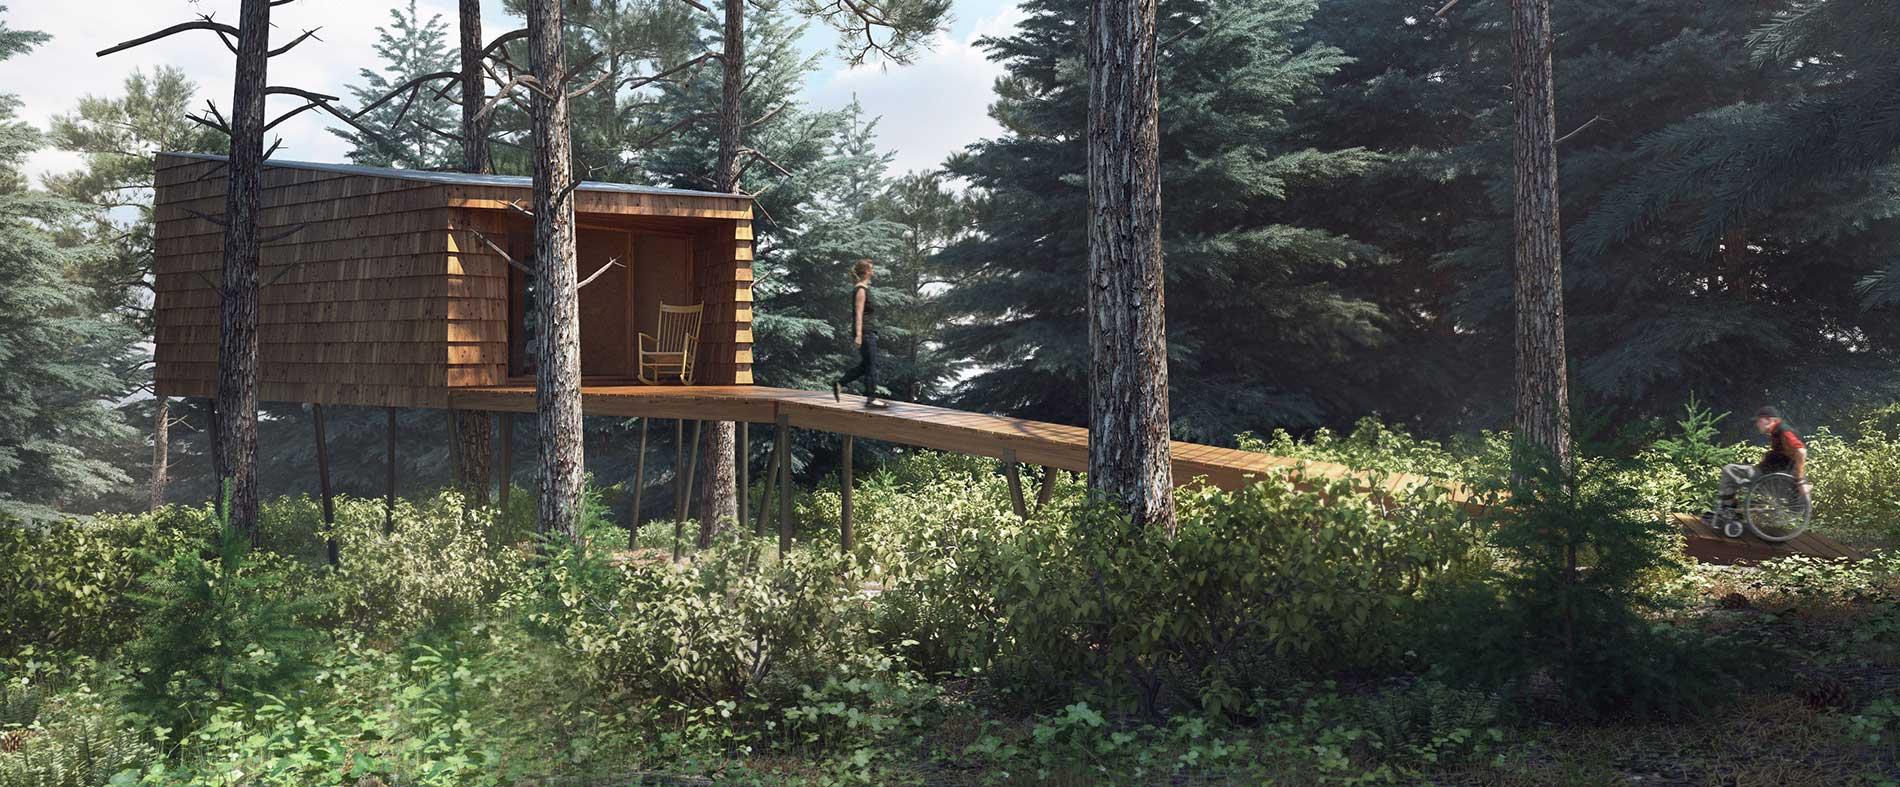 camping-branch-lightbox1